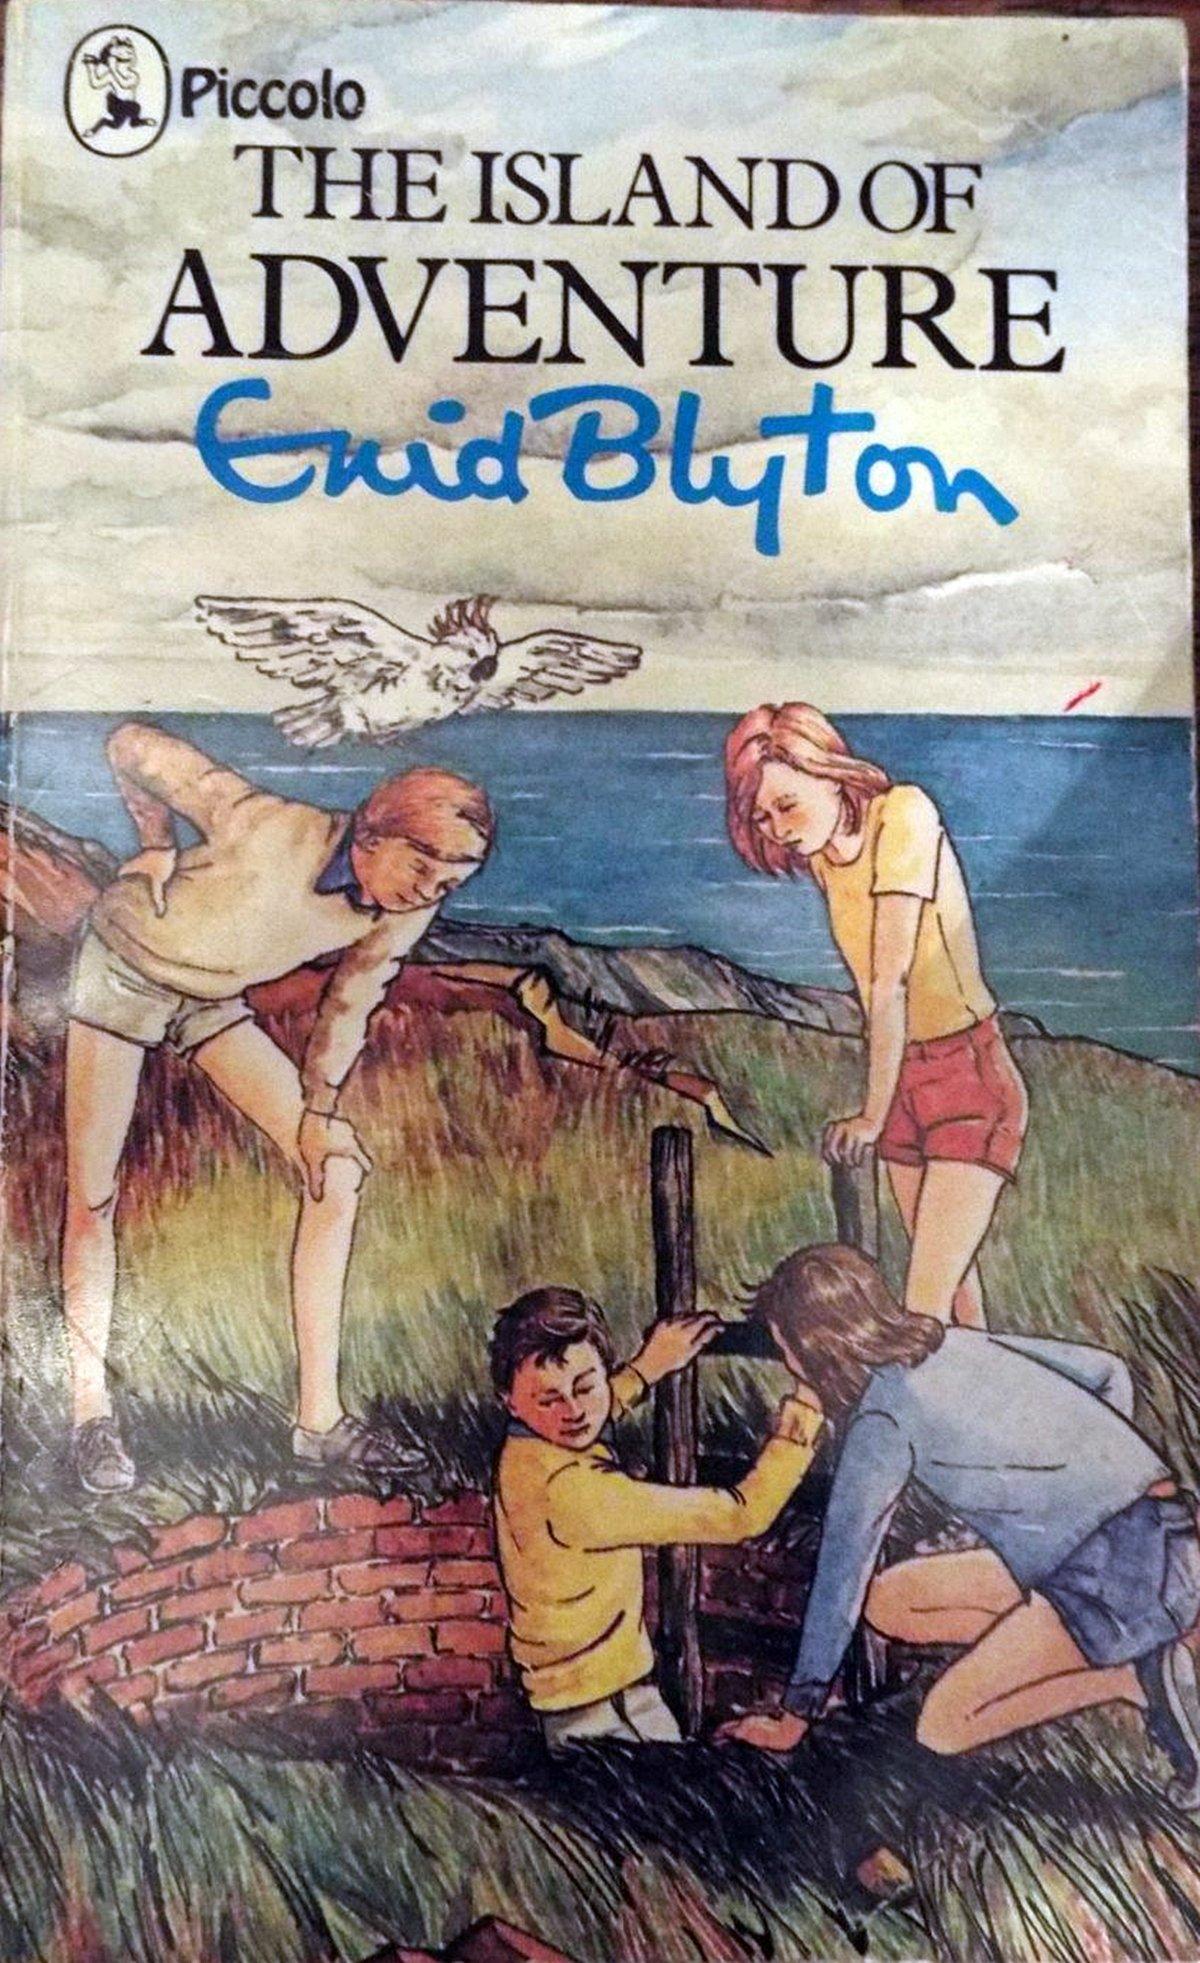 9 10 12 Enid Blyton Books We Loved Reading As Children